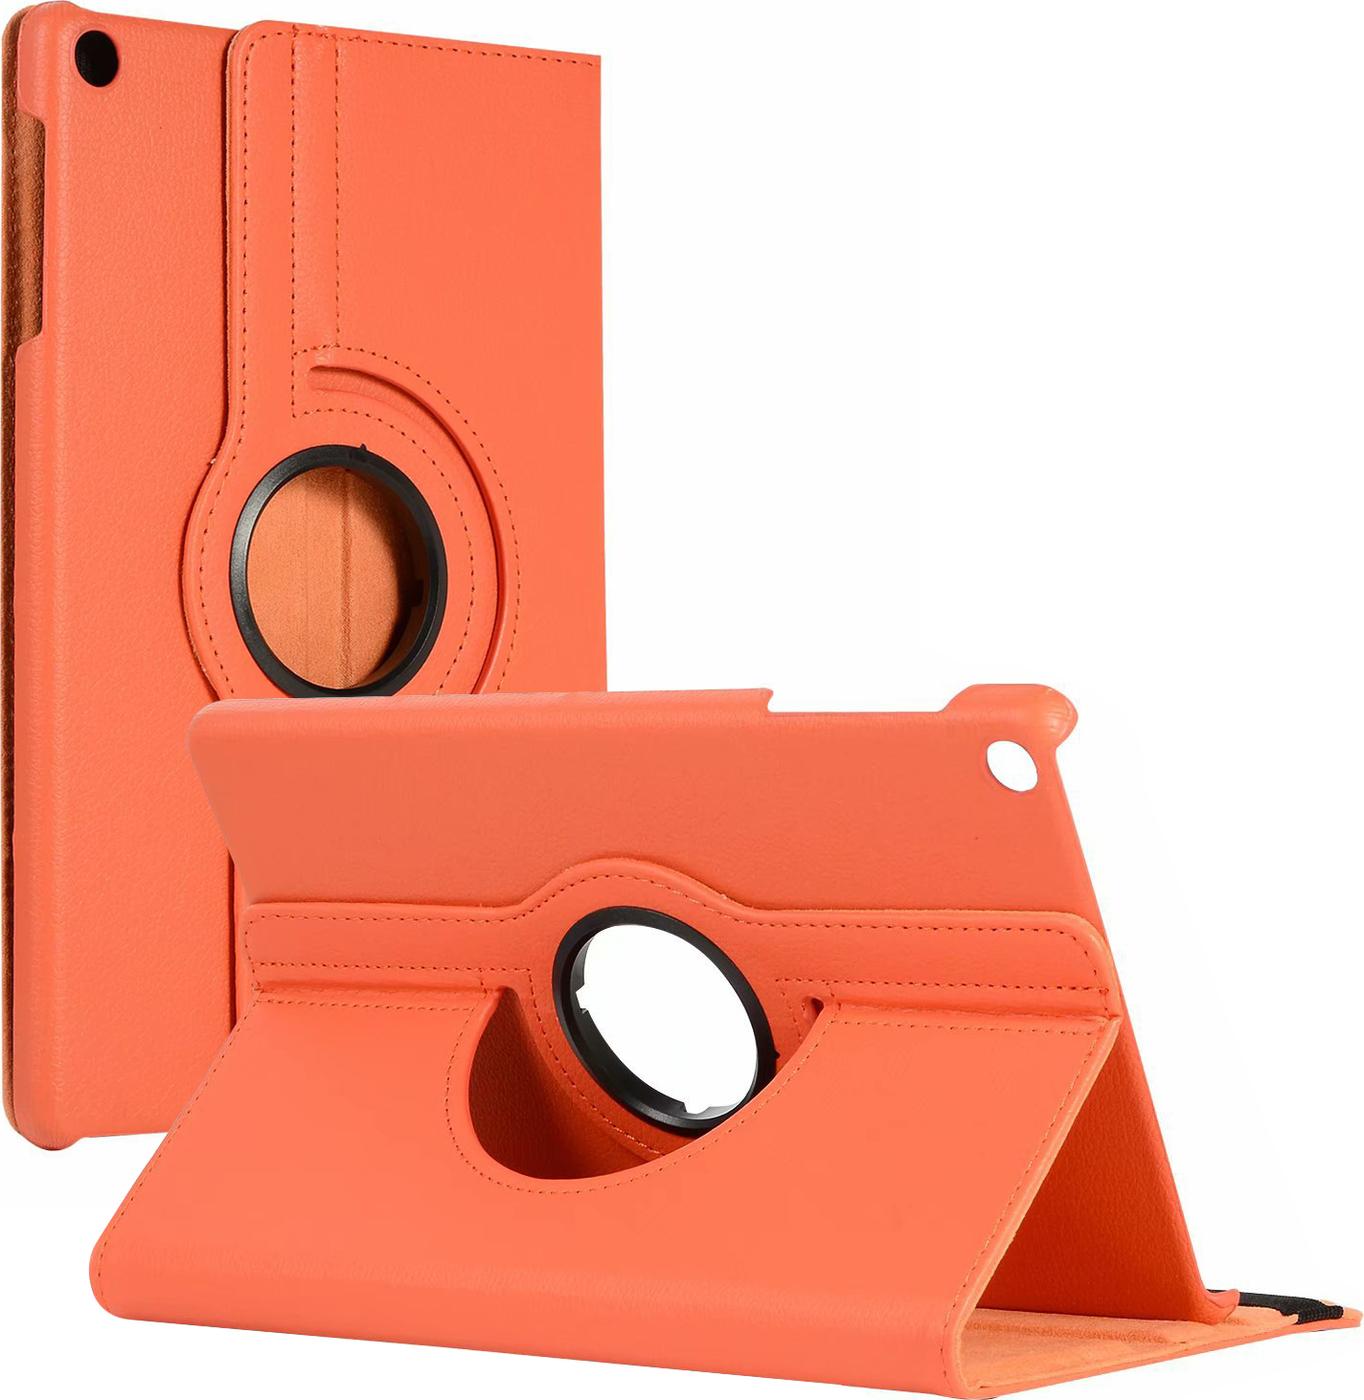 Чехол-подставка MyPads для Apple iPad 2/3/4 на пластиковой основе кожаный поворотный роторный оборотный с трансформацией в подставку оранжевый